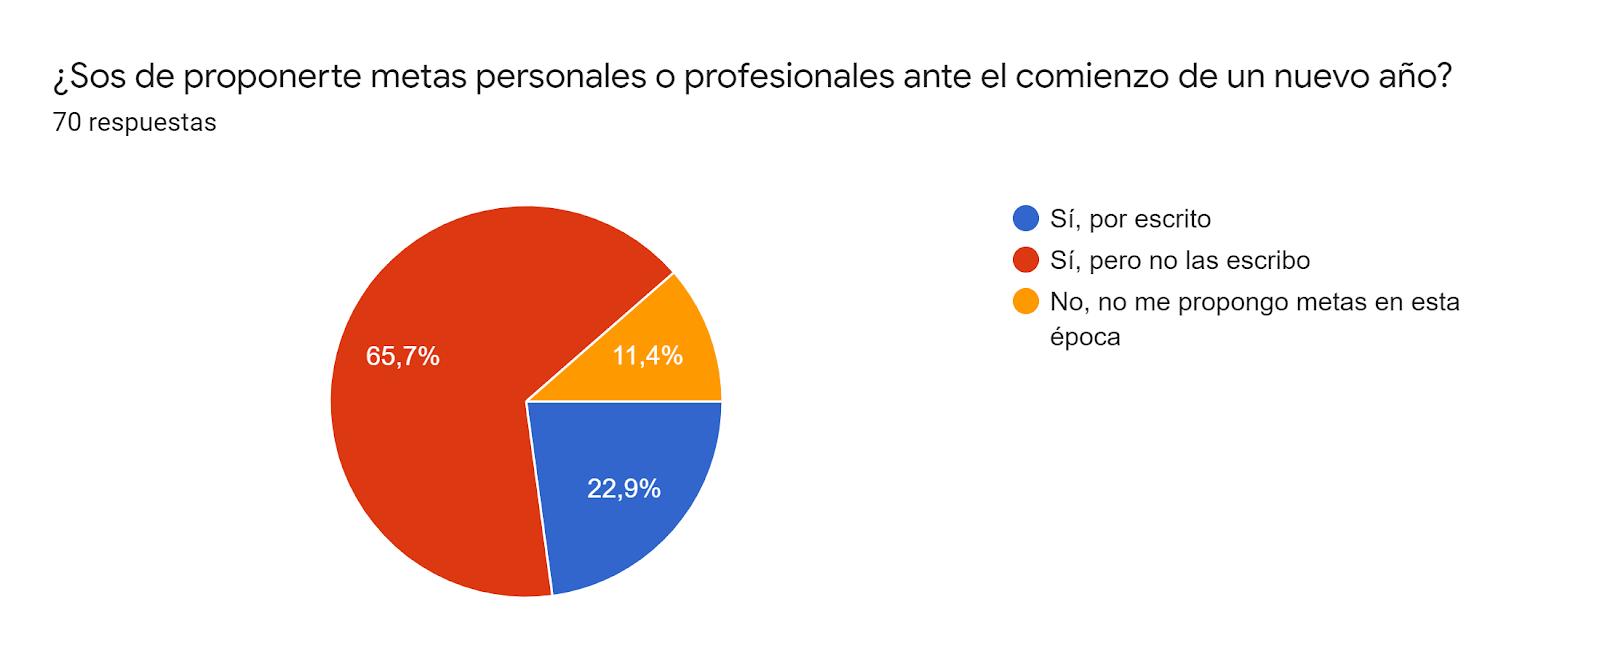 Gráfico de respuestas de formularios. Título de la pregunta:¿Sos de proponerte metas personales o profesionales ante el comienzo de un nuevo año?. Número de respuestas:70 respuestas.